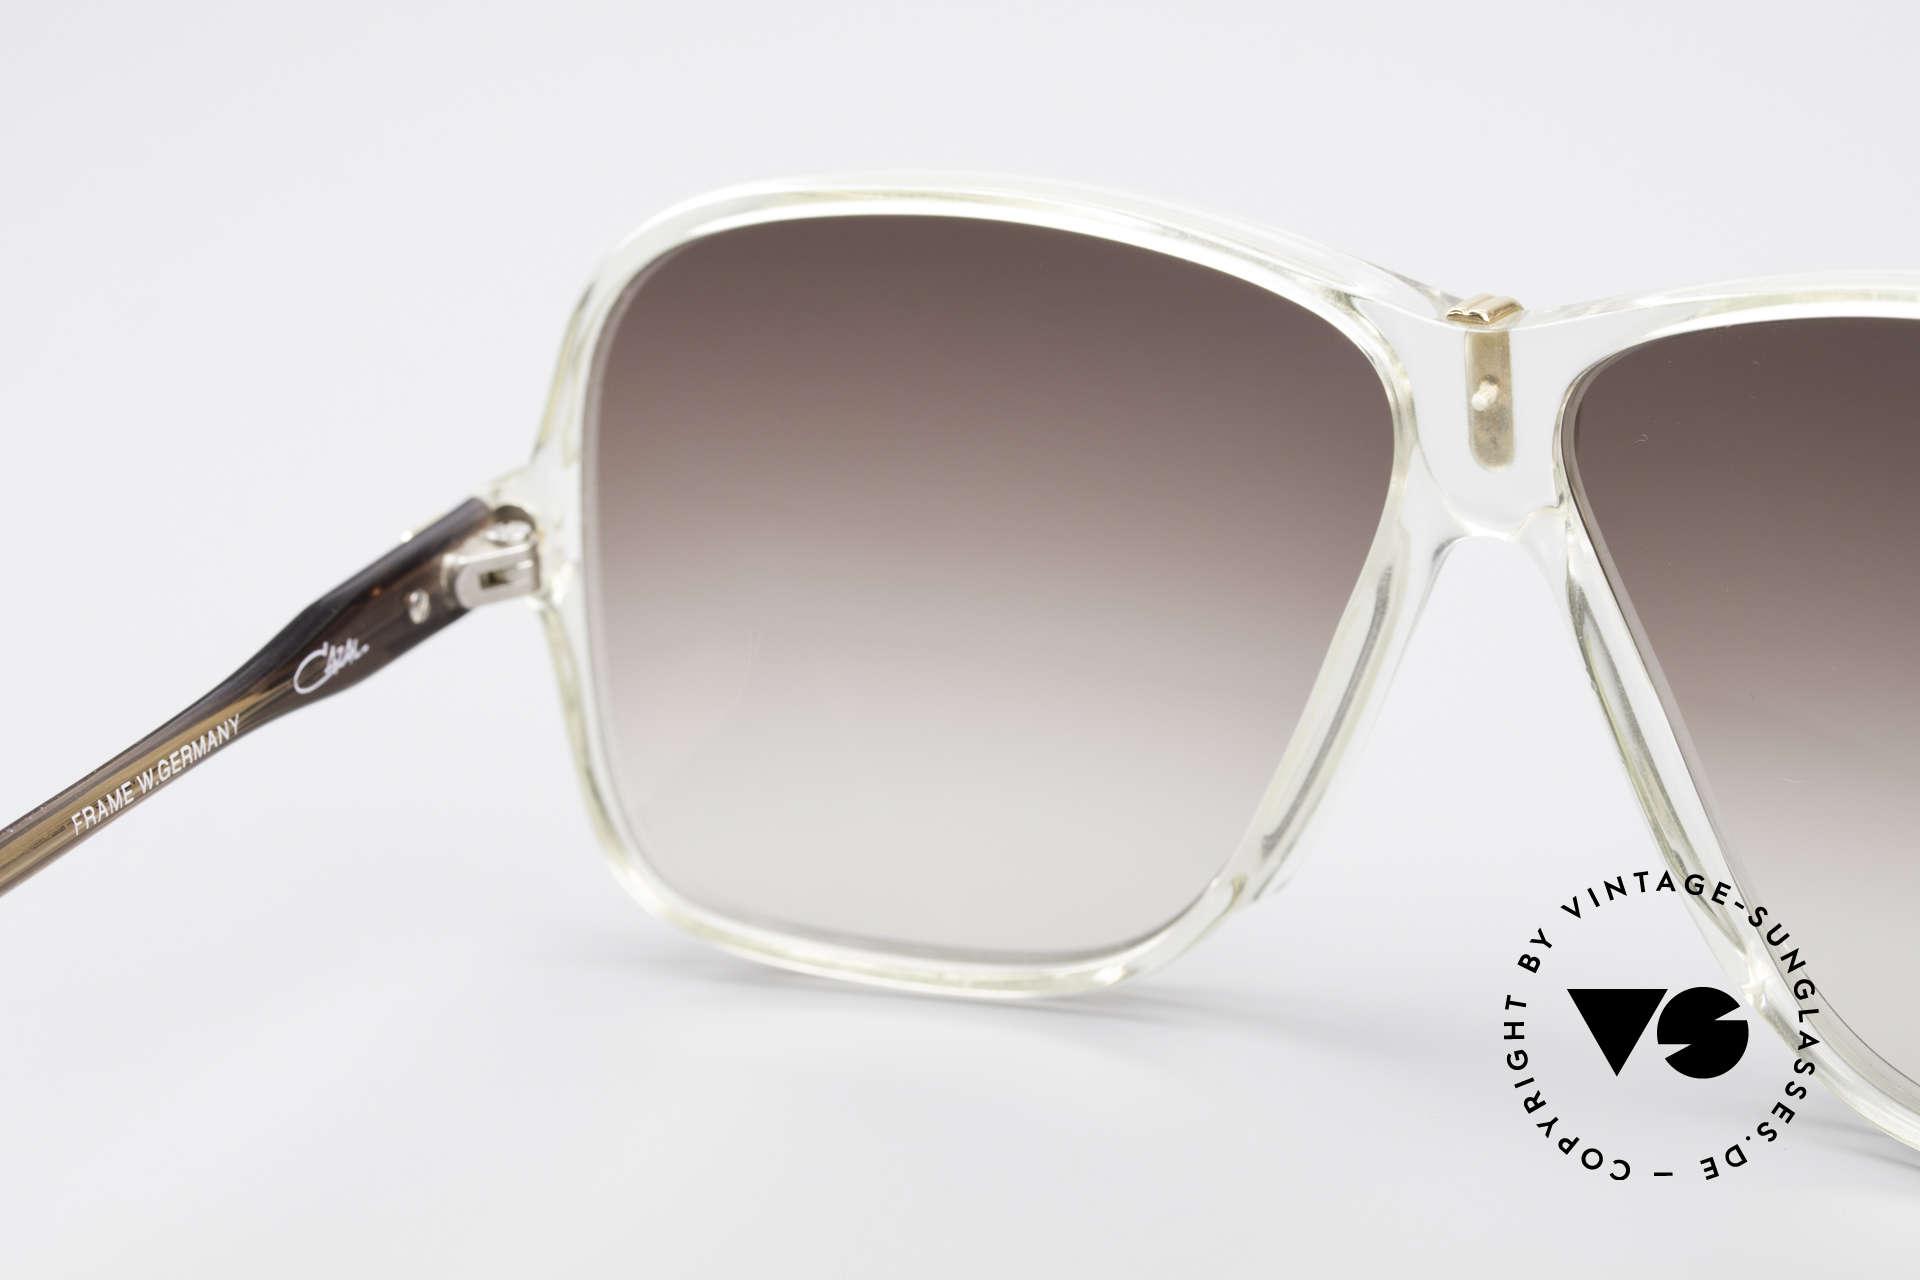 Cazal 621 West Germany Sonnenbrille, Sonnengläser in braun-Verlauf (100% UV Schutz), Passend für Herren